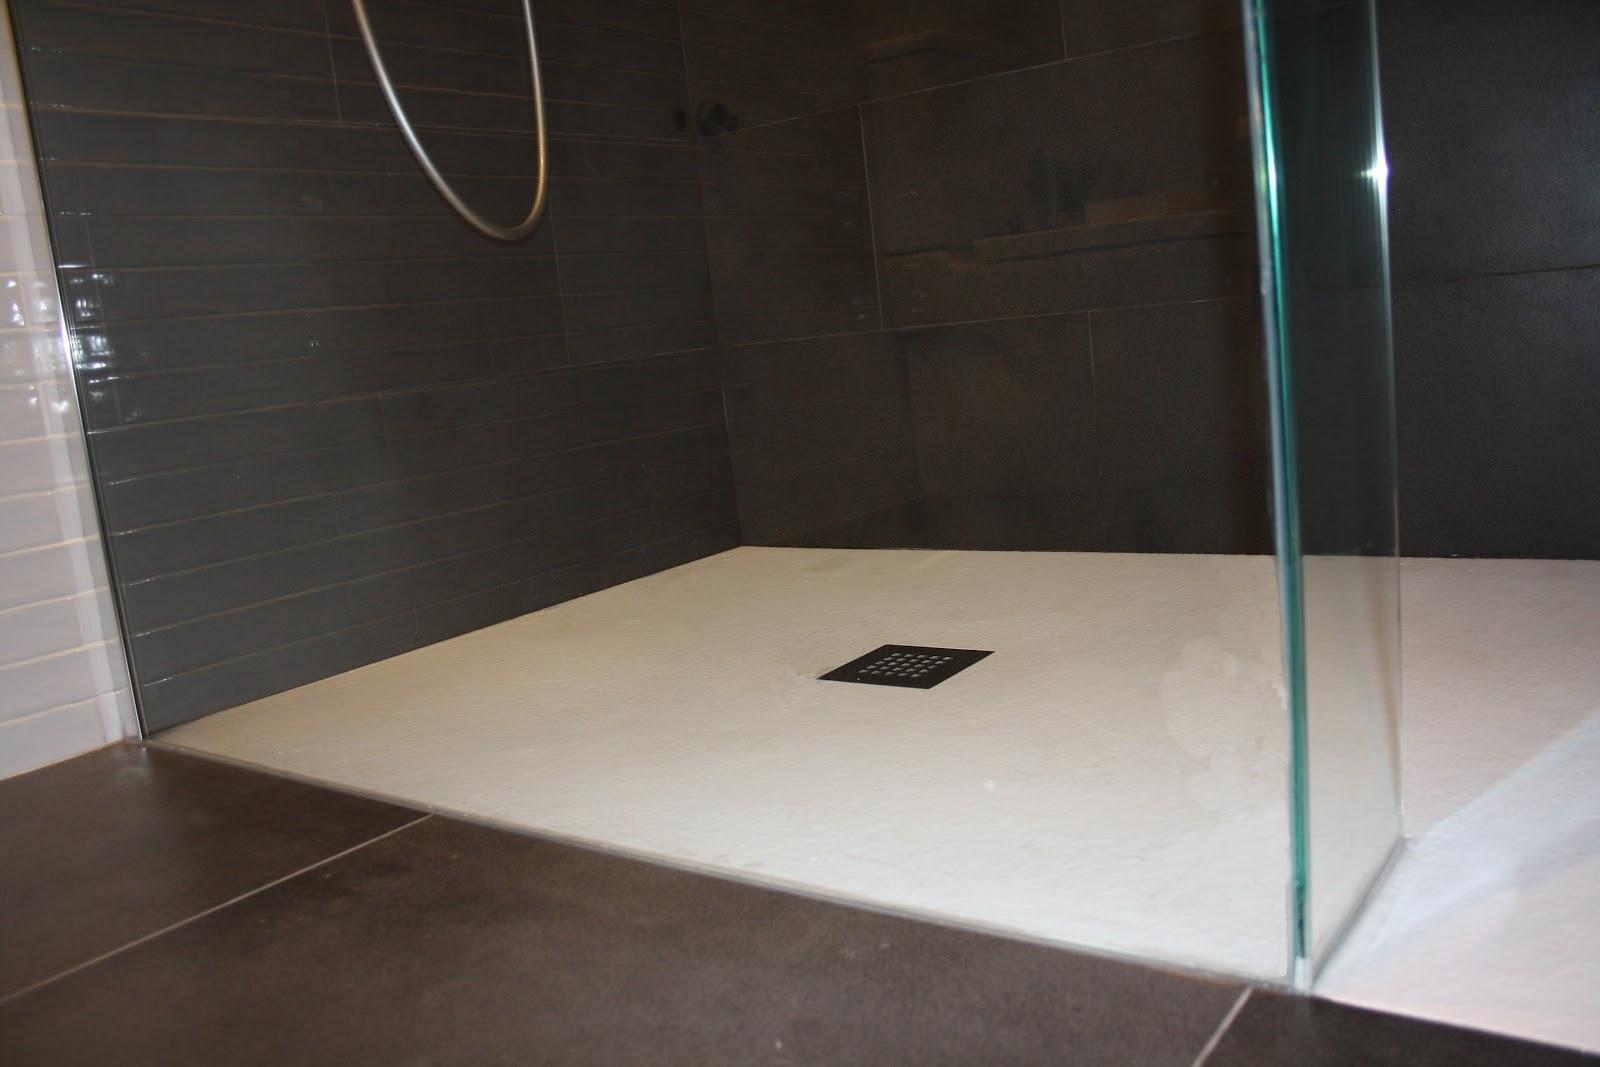 Historia De La Regadera De Baño:de ducha pácticamente sin perfileria metálica separa la ducha del